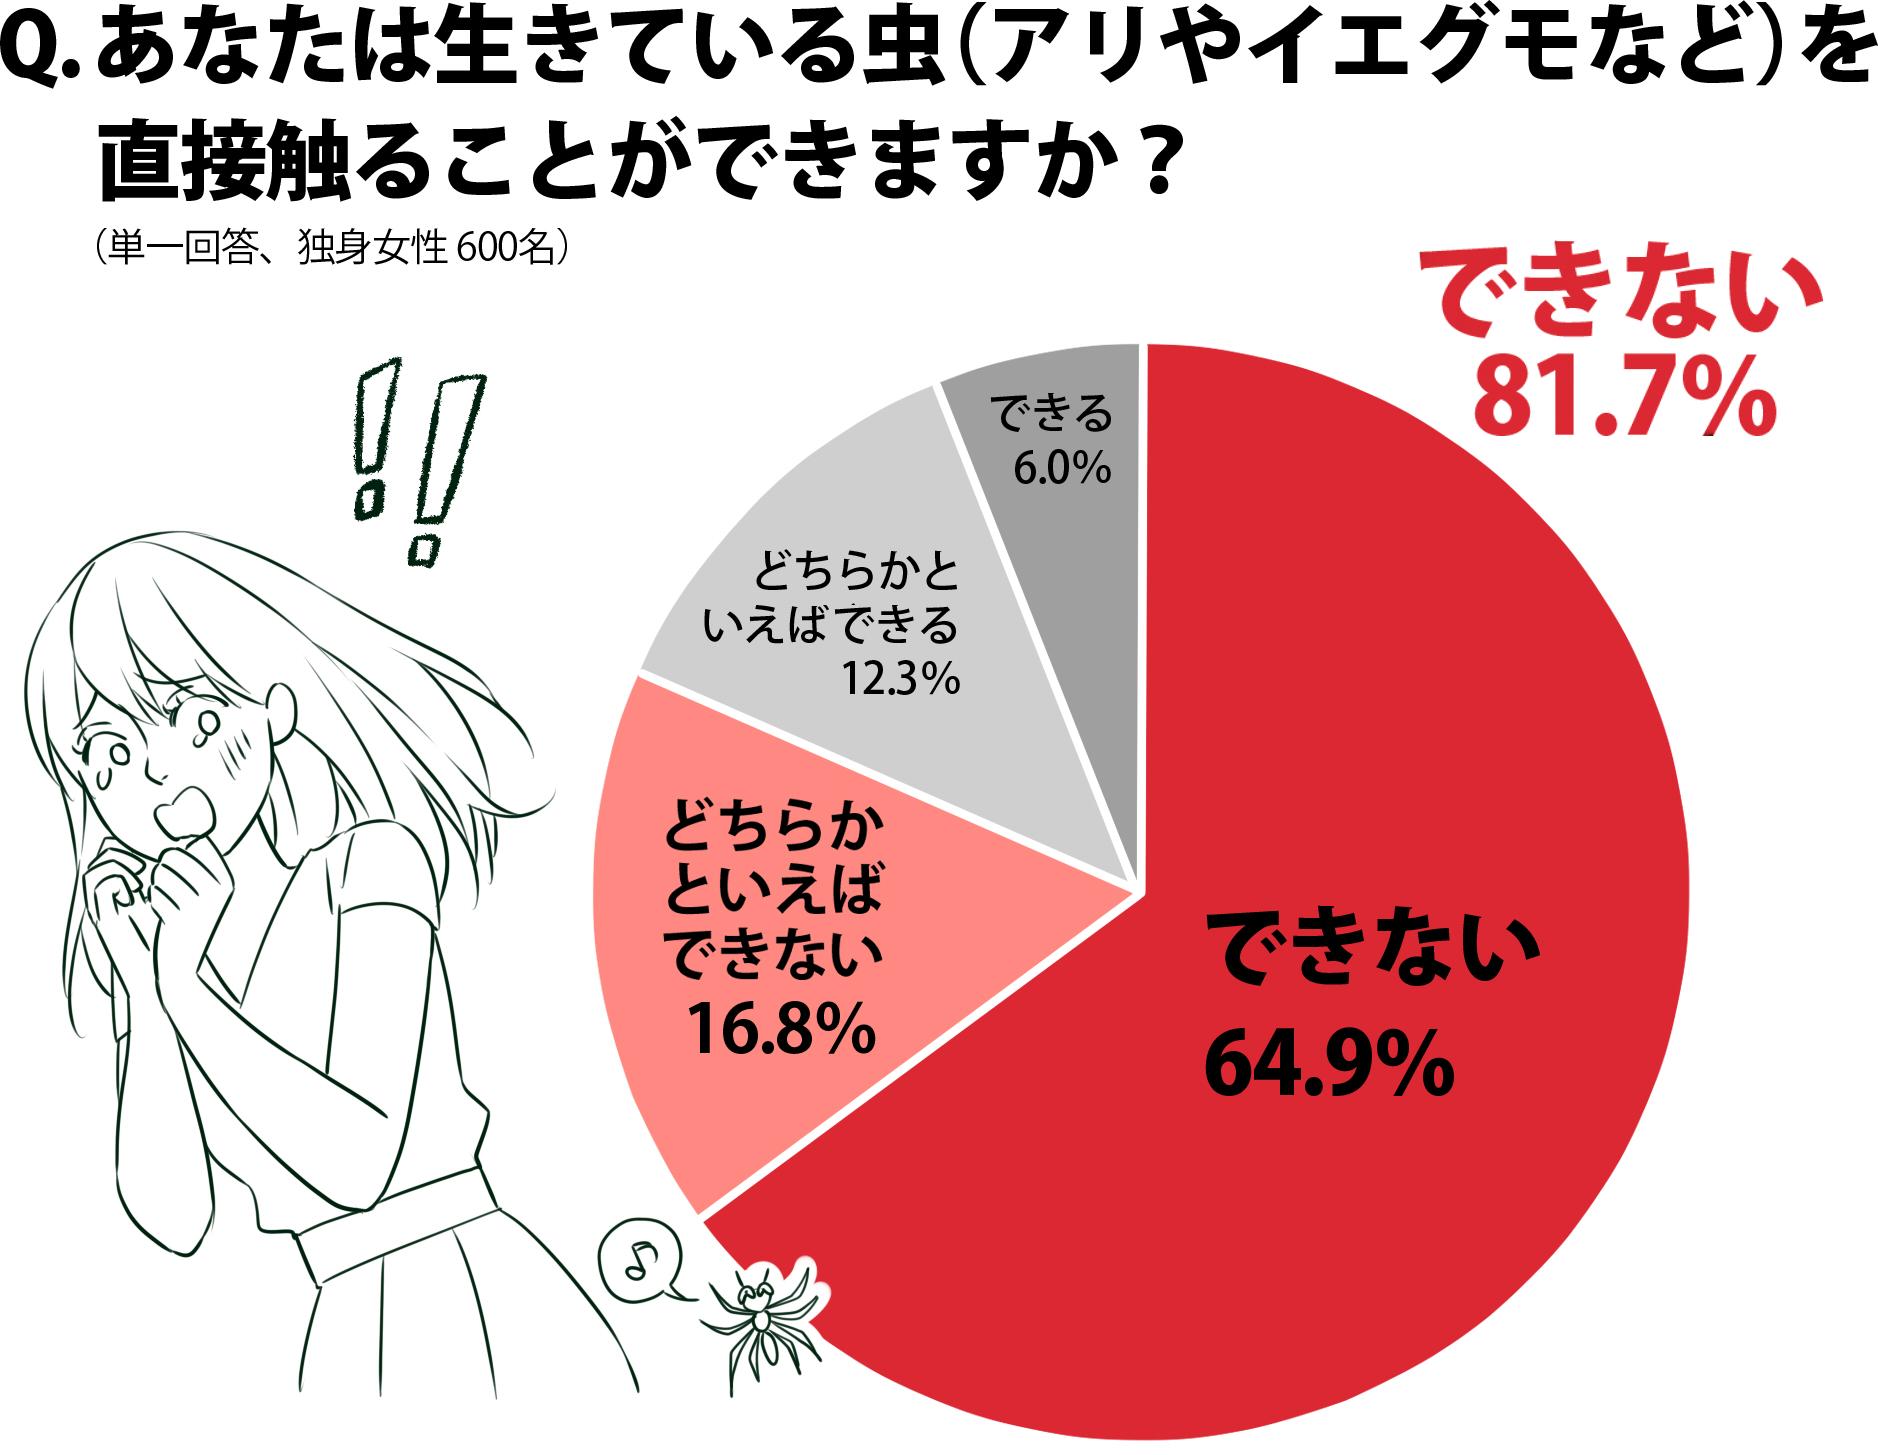 生きたまま虫を触れない64.9%、どちらかというと触れない16.8%